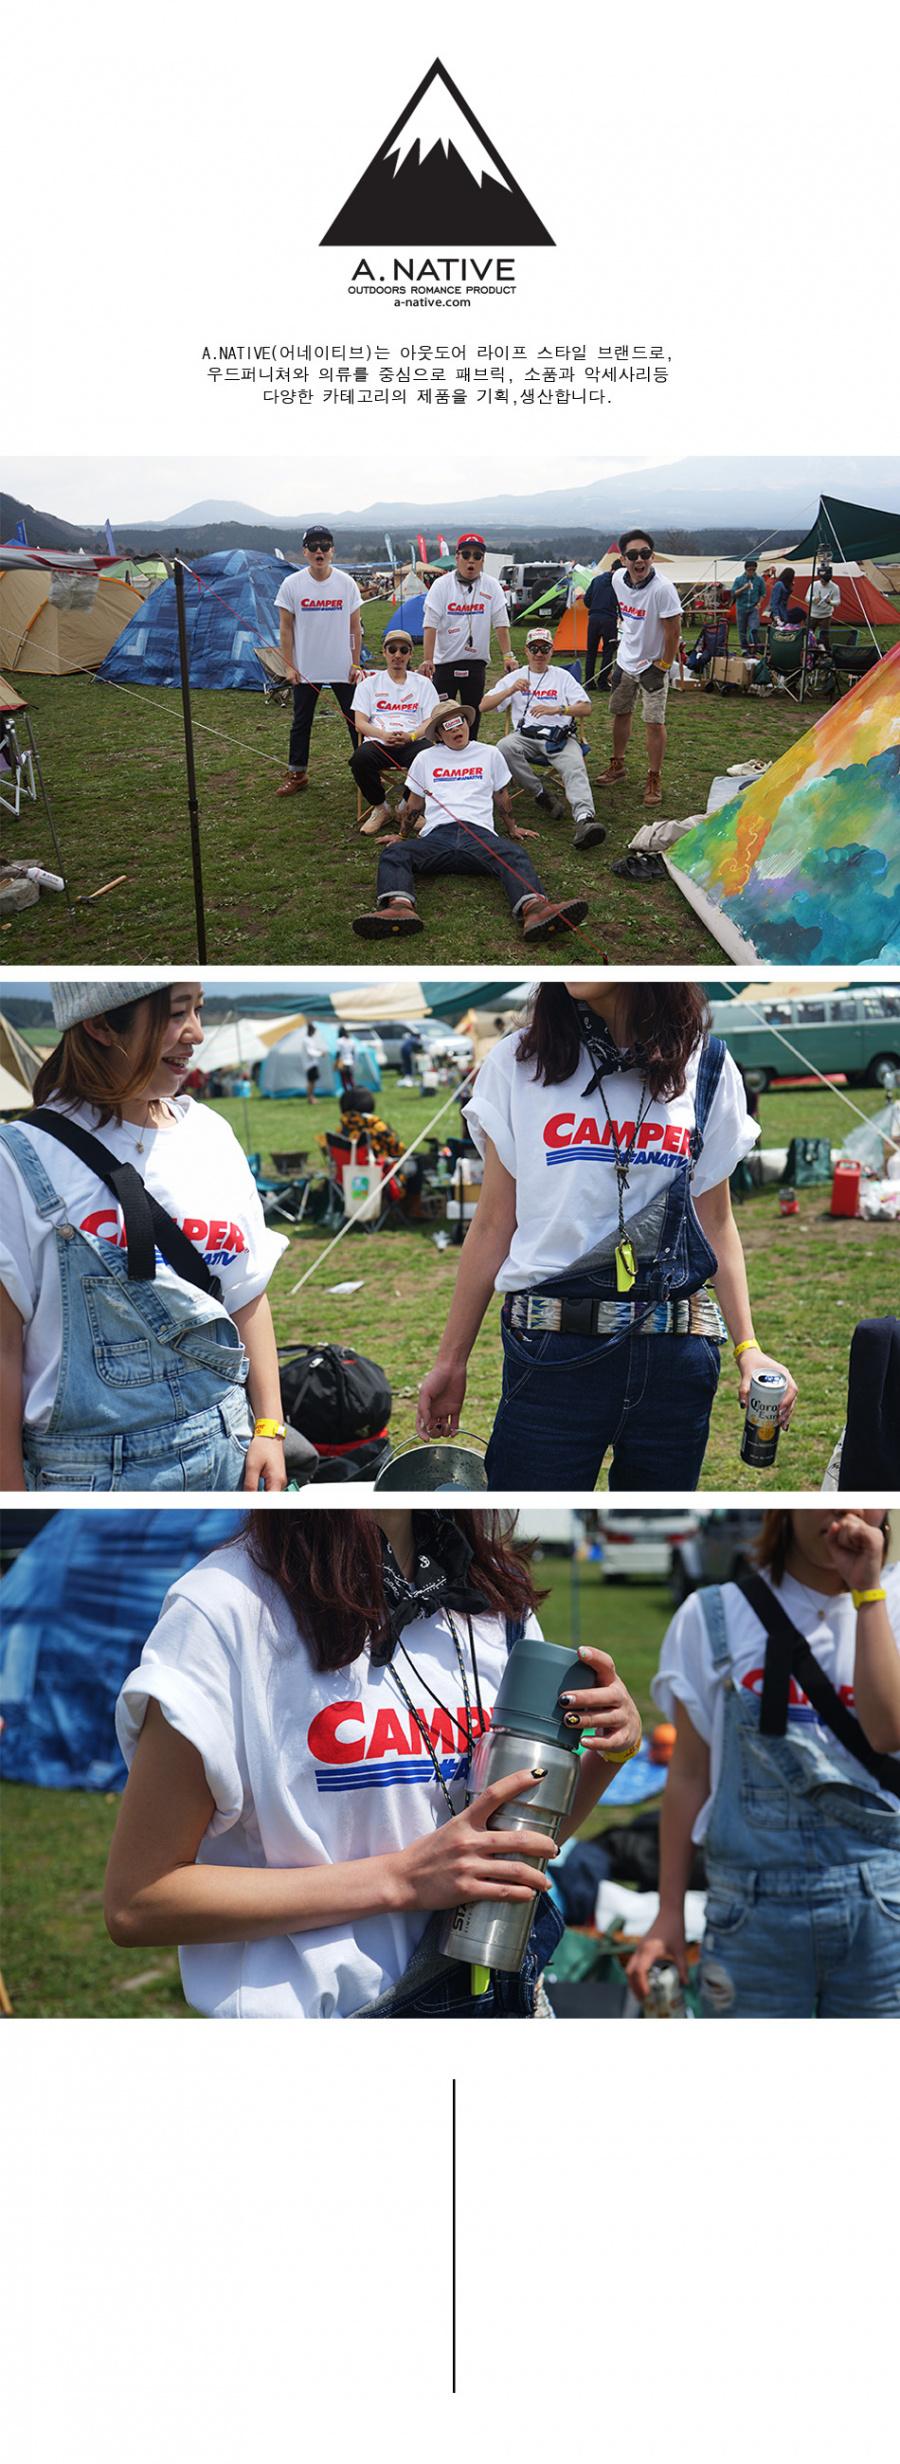 어네이티브(A.NATIVE) (16수) [남녀공용]골드 스타 CAMPER VIP 맴버 오버핏 반팔 티셔츠 (검정)